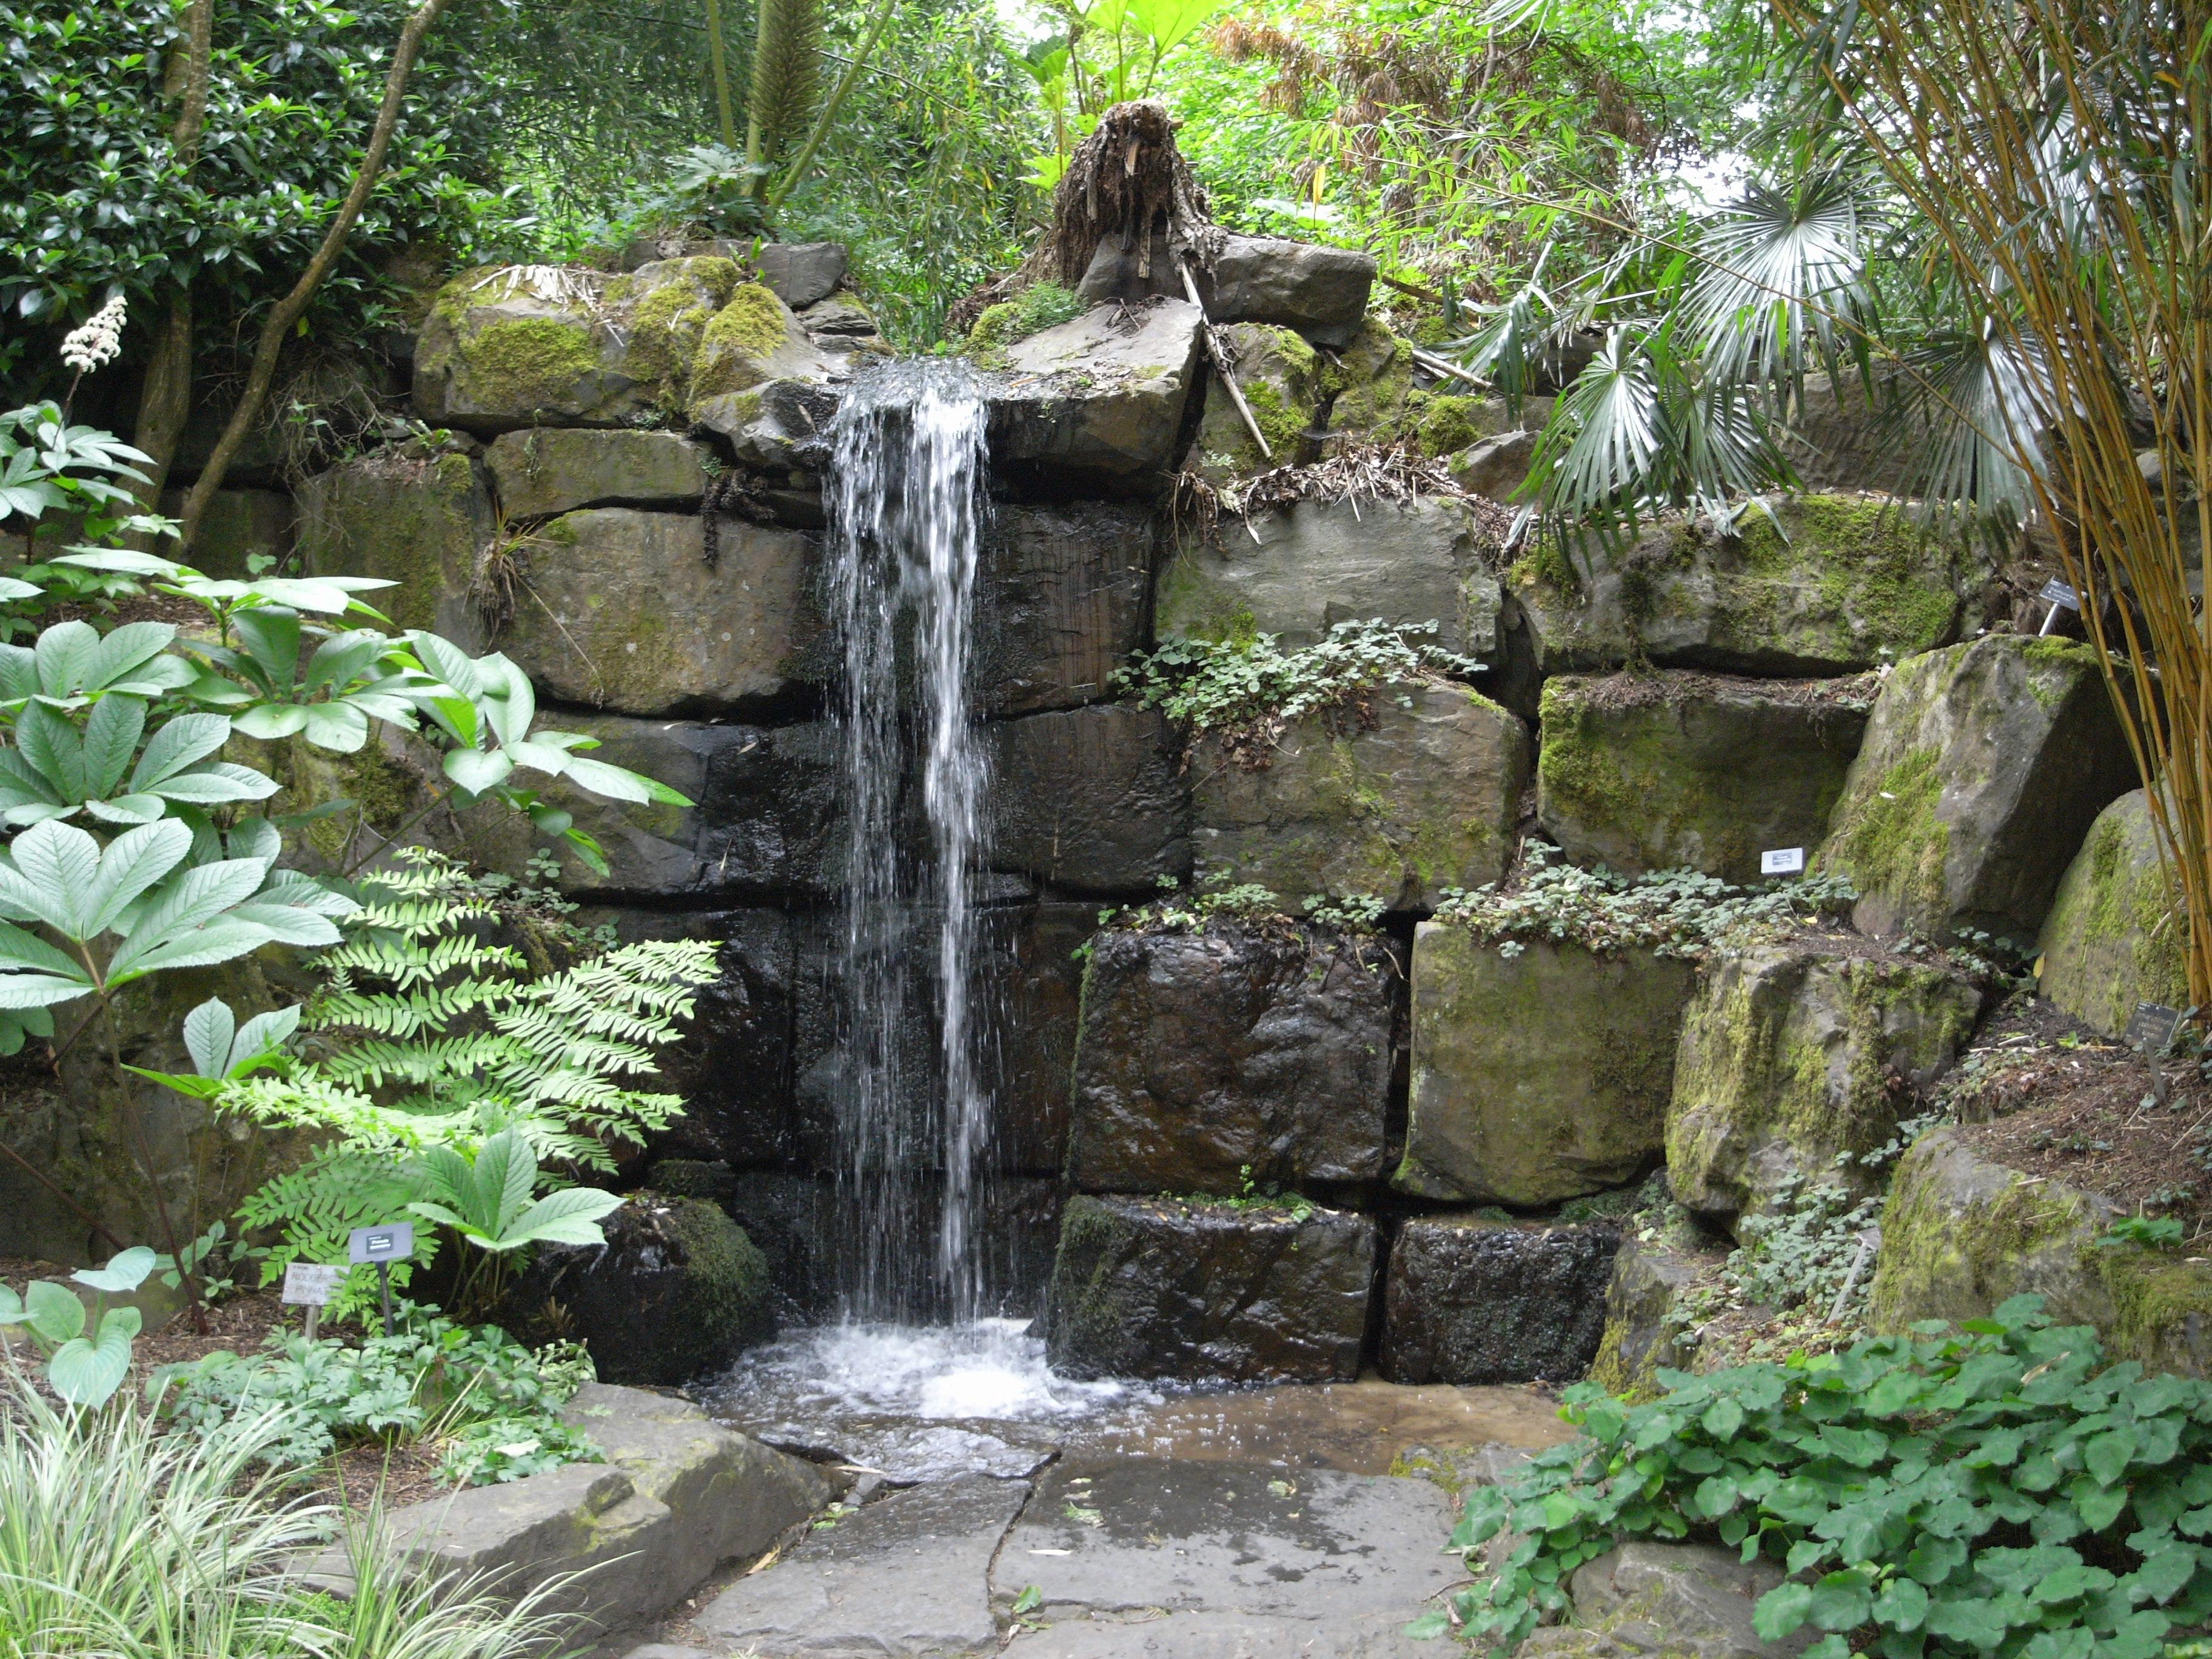 File:Waterfall in Rosemoor Garden 23119.JPG - Wikimedia Commons